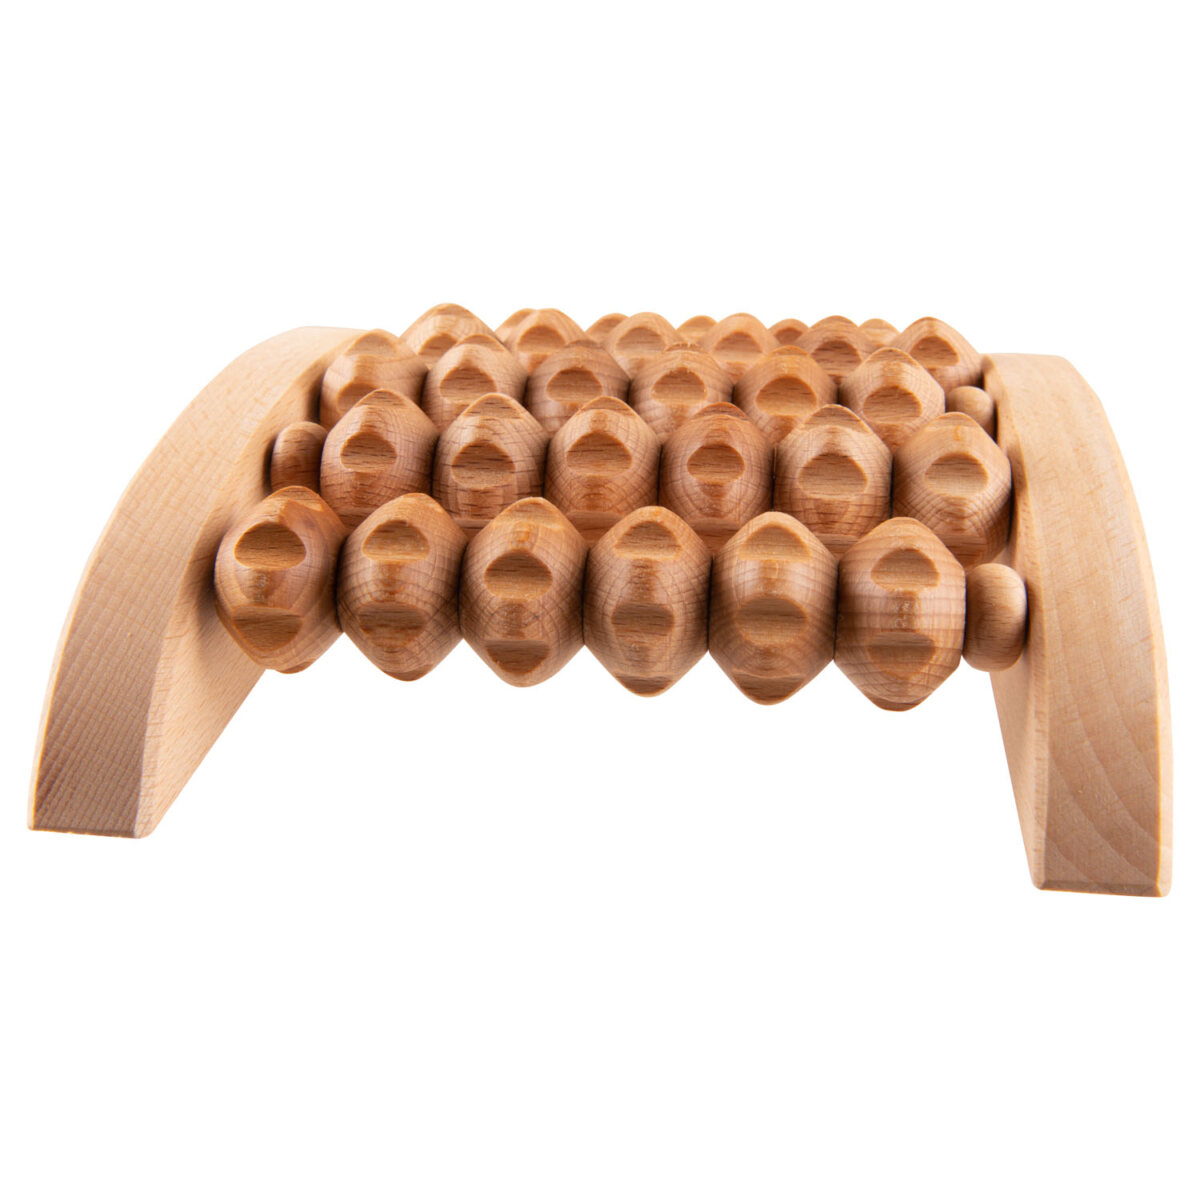 wooden foot massage roller